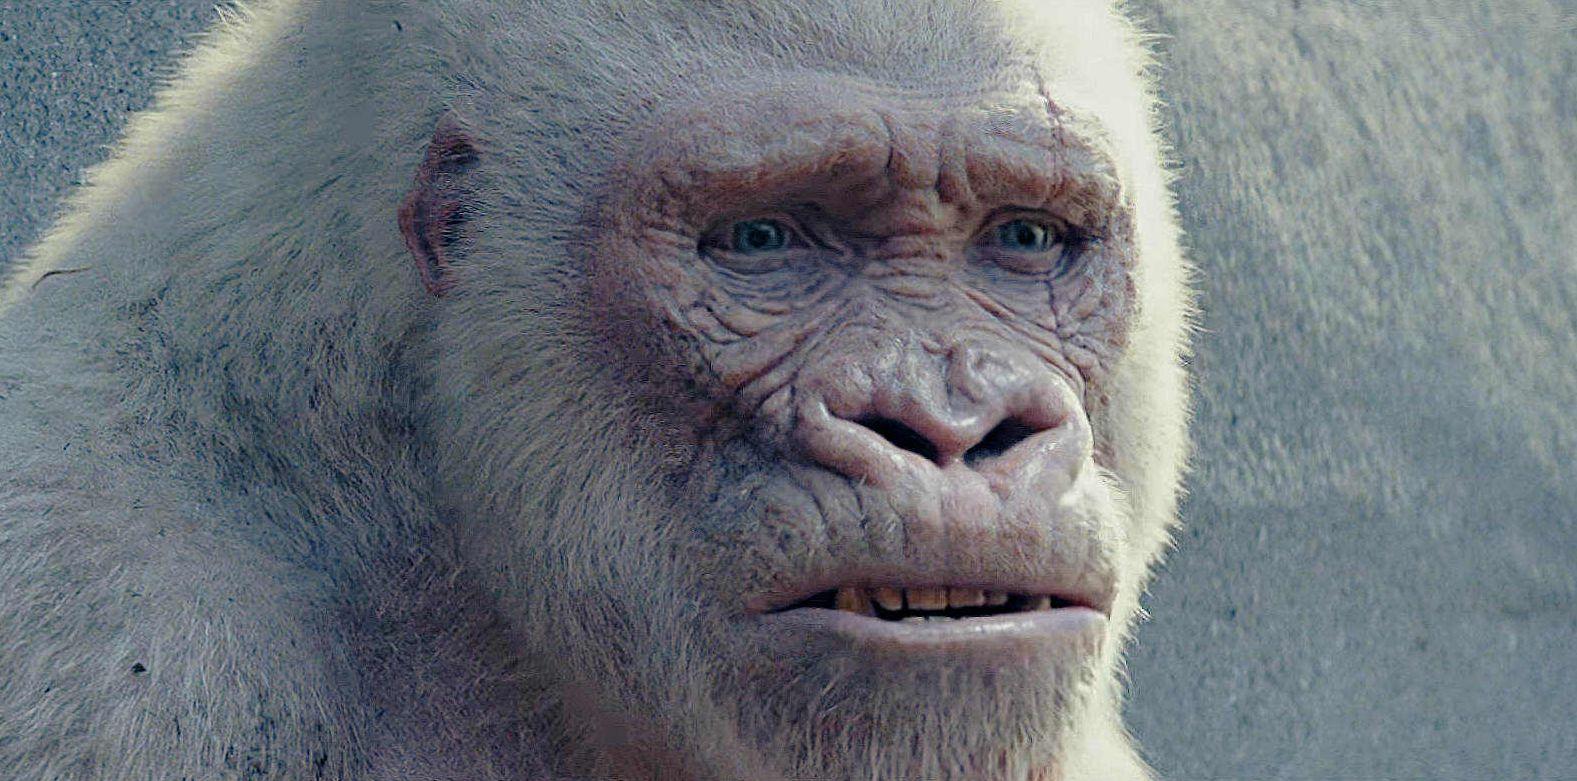 George the Albino Gorilla